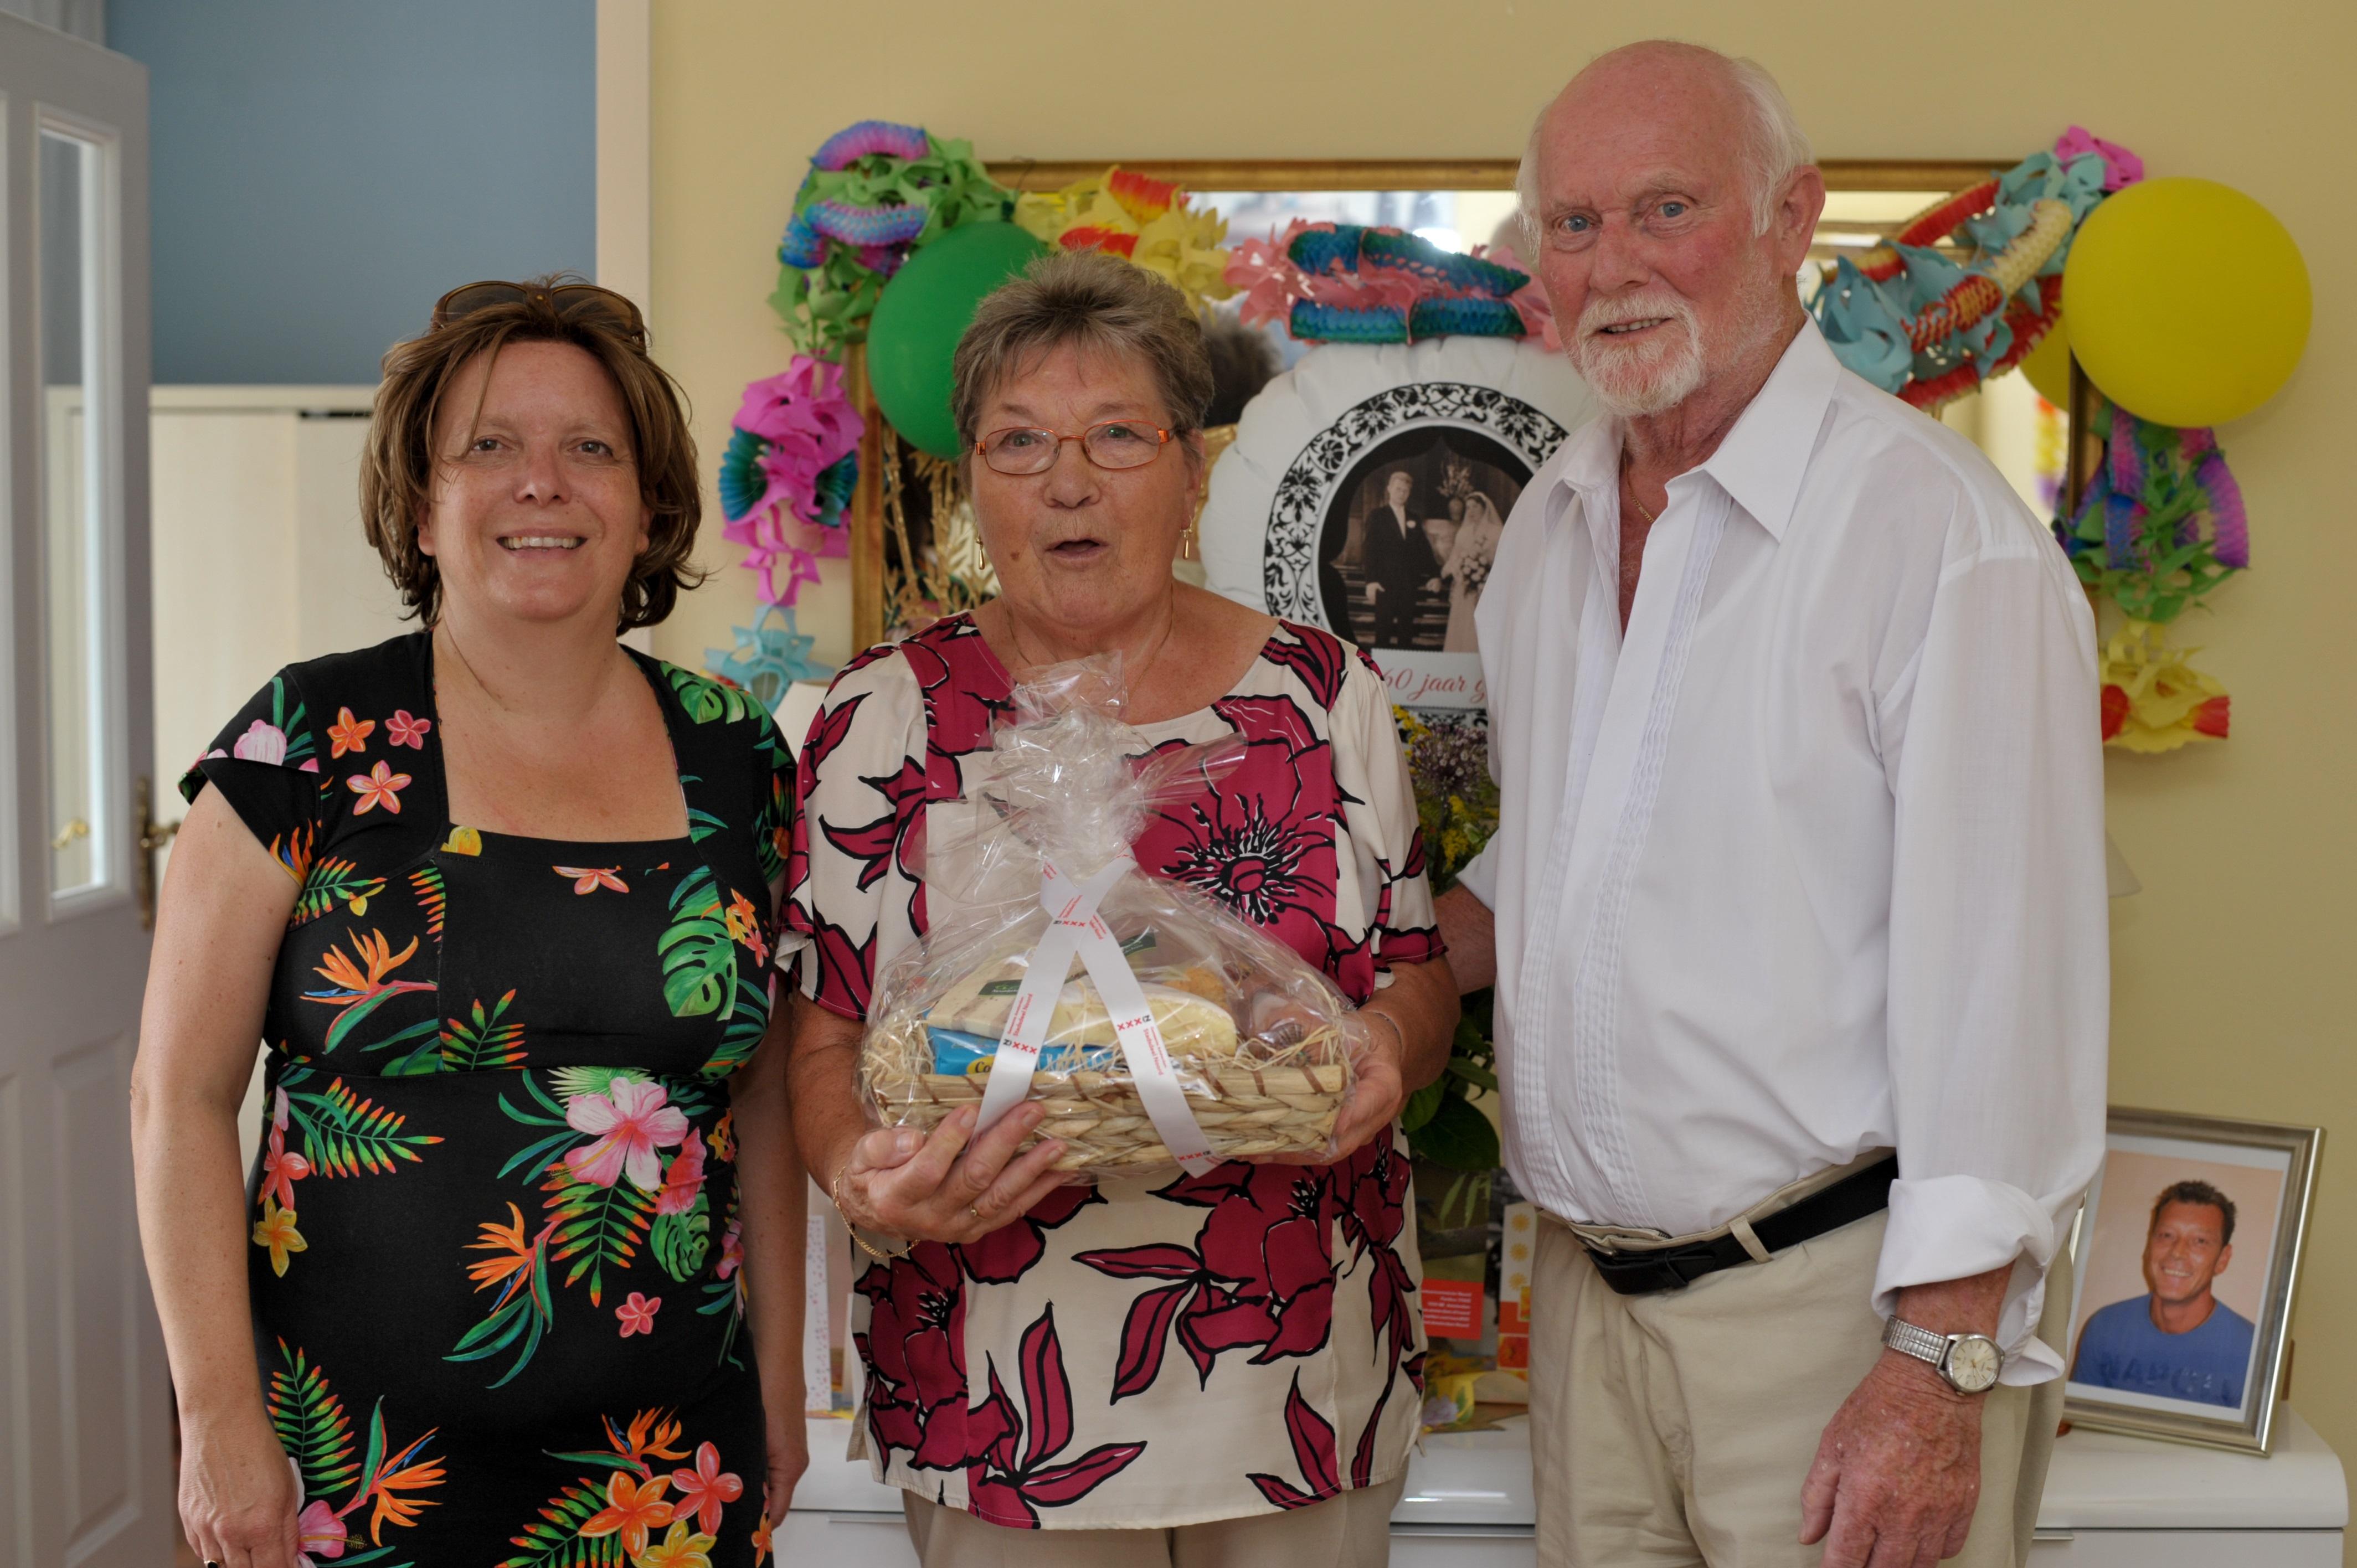 Nel en Wim Dokter kregen ter ere van hun jubileum bezoek van Esther Lagendijk, lid stadsdeelcommissie Noord. (Foto: Rob Beense / foto.beense.nl)